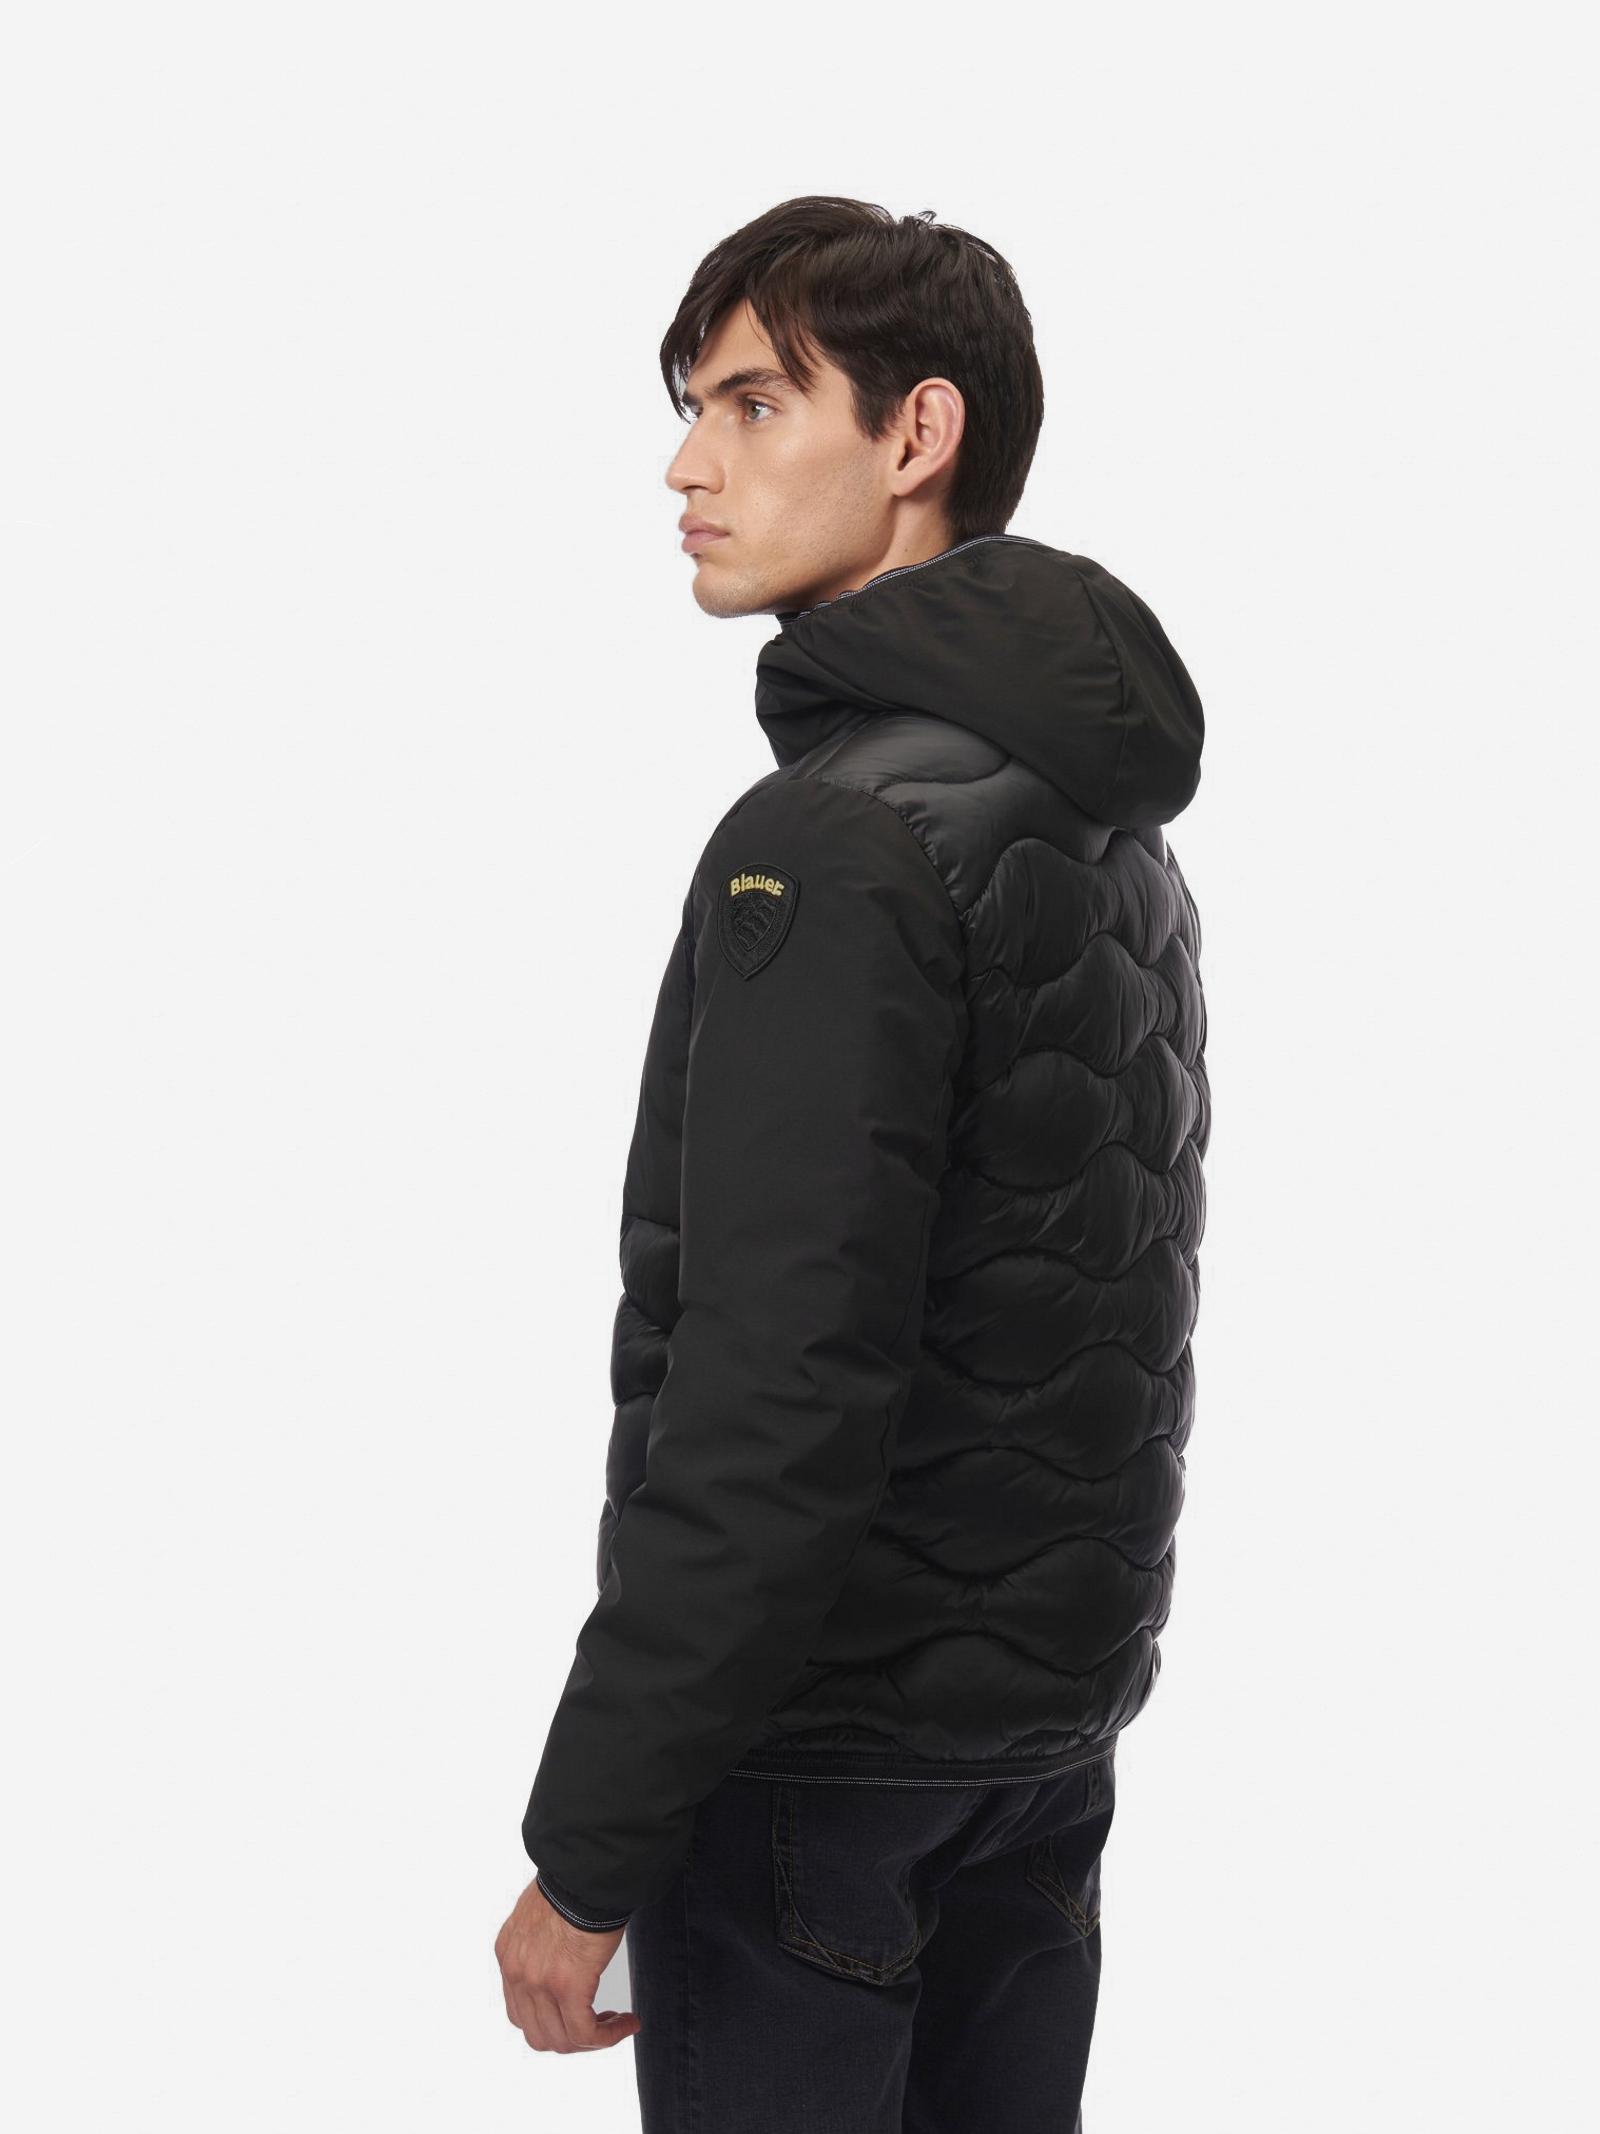 Jacket Herman Blauer BLAUER | -276790253 | 21WBLUC08004 004719999